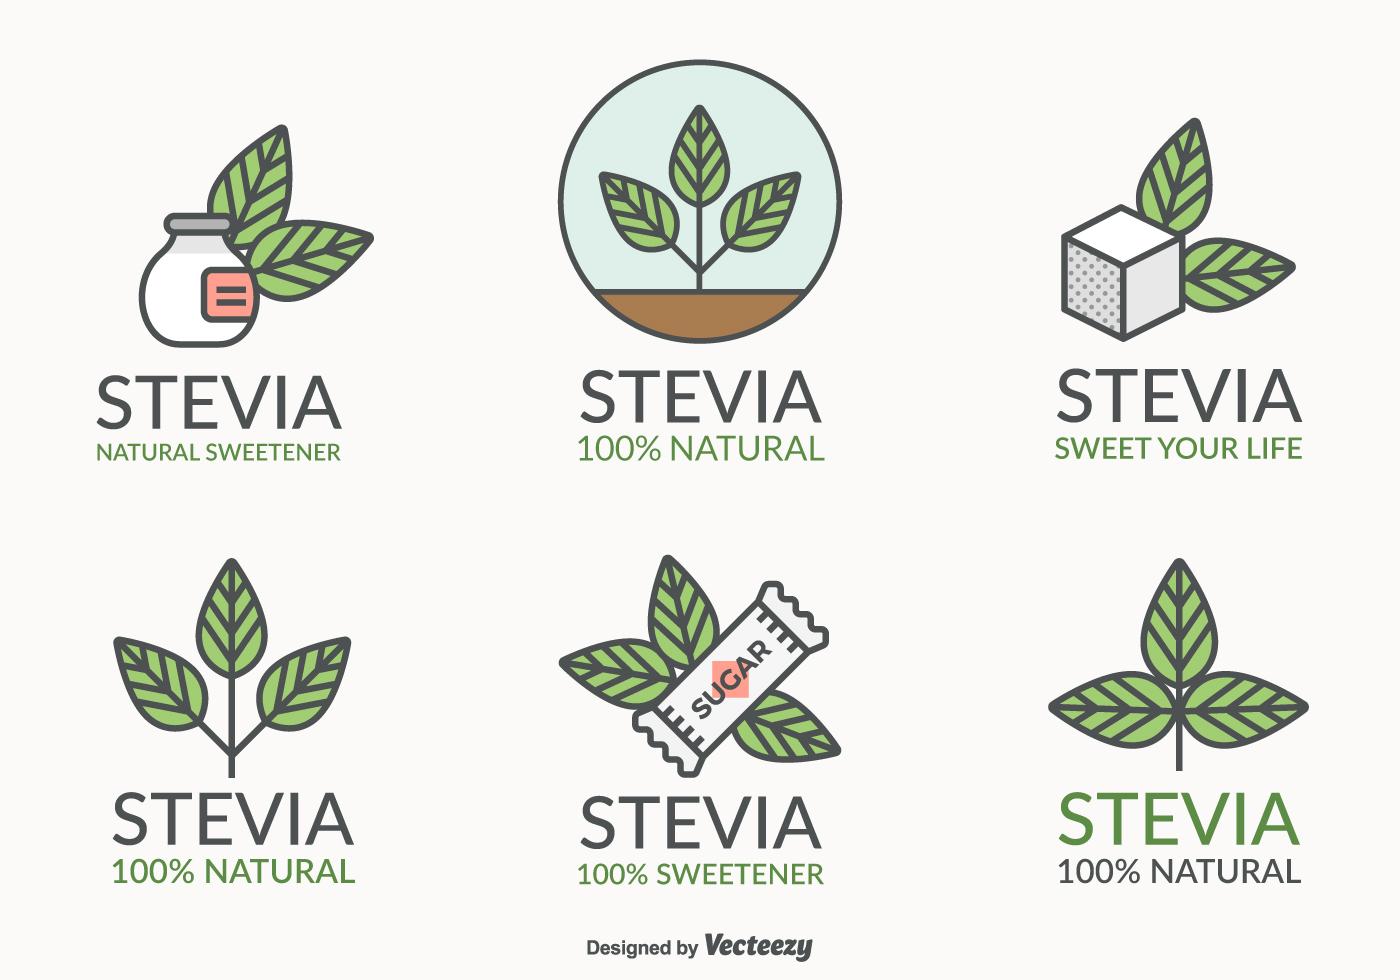 stevia leaf natural sweetener vector logo set download